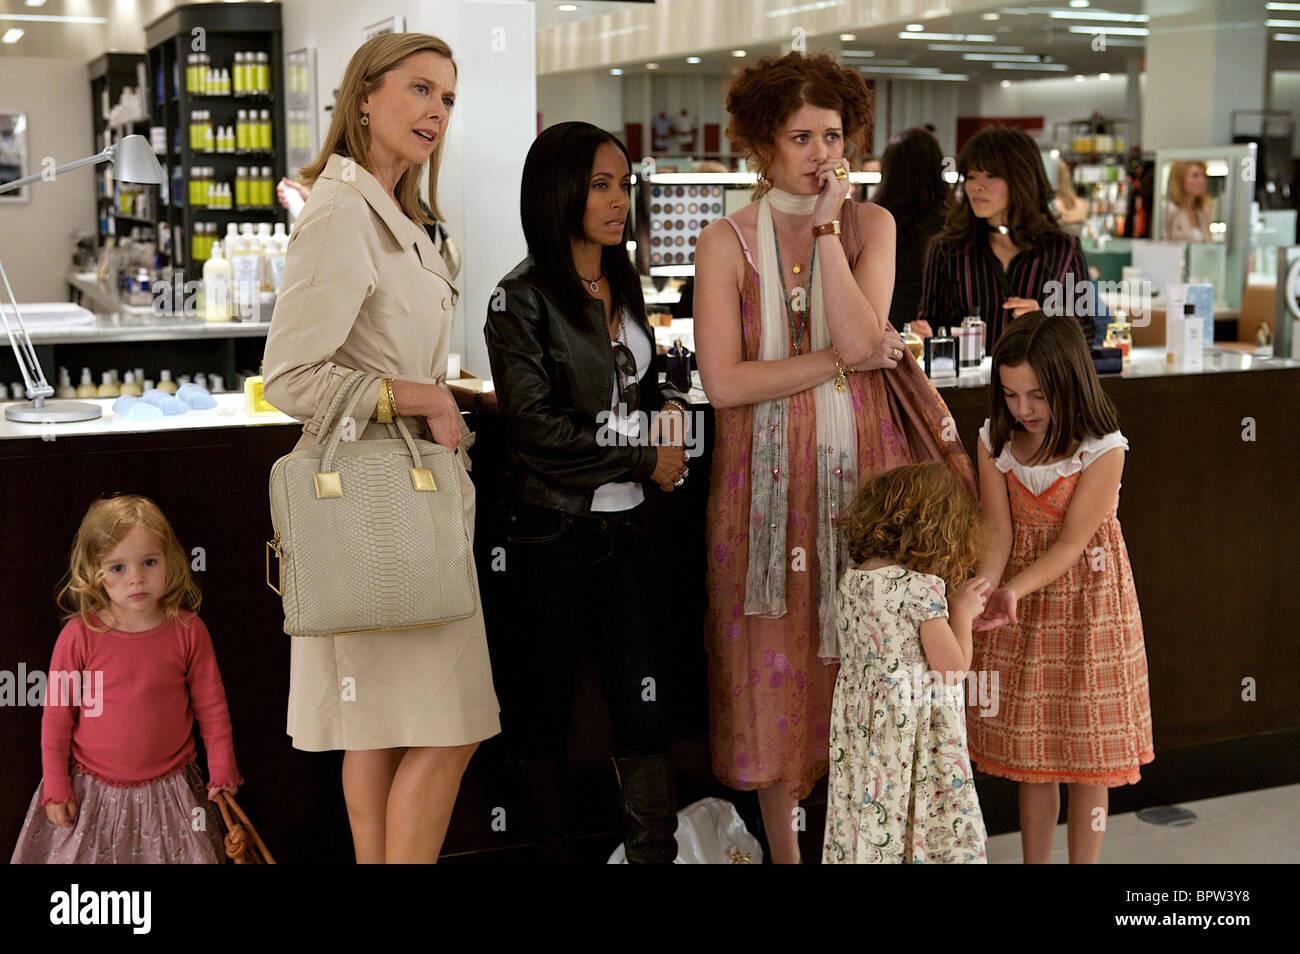 ANNETTE BENING JADA PINKETT SMITH & DEBRA MESSING THE WOMEN (2008) - Stock Image